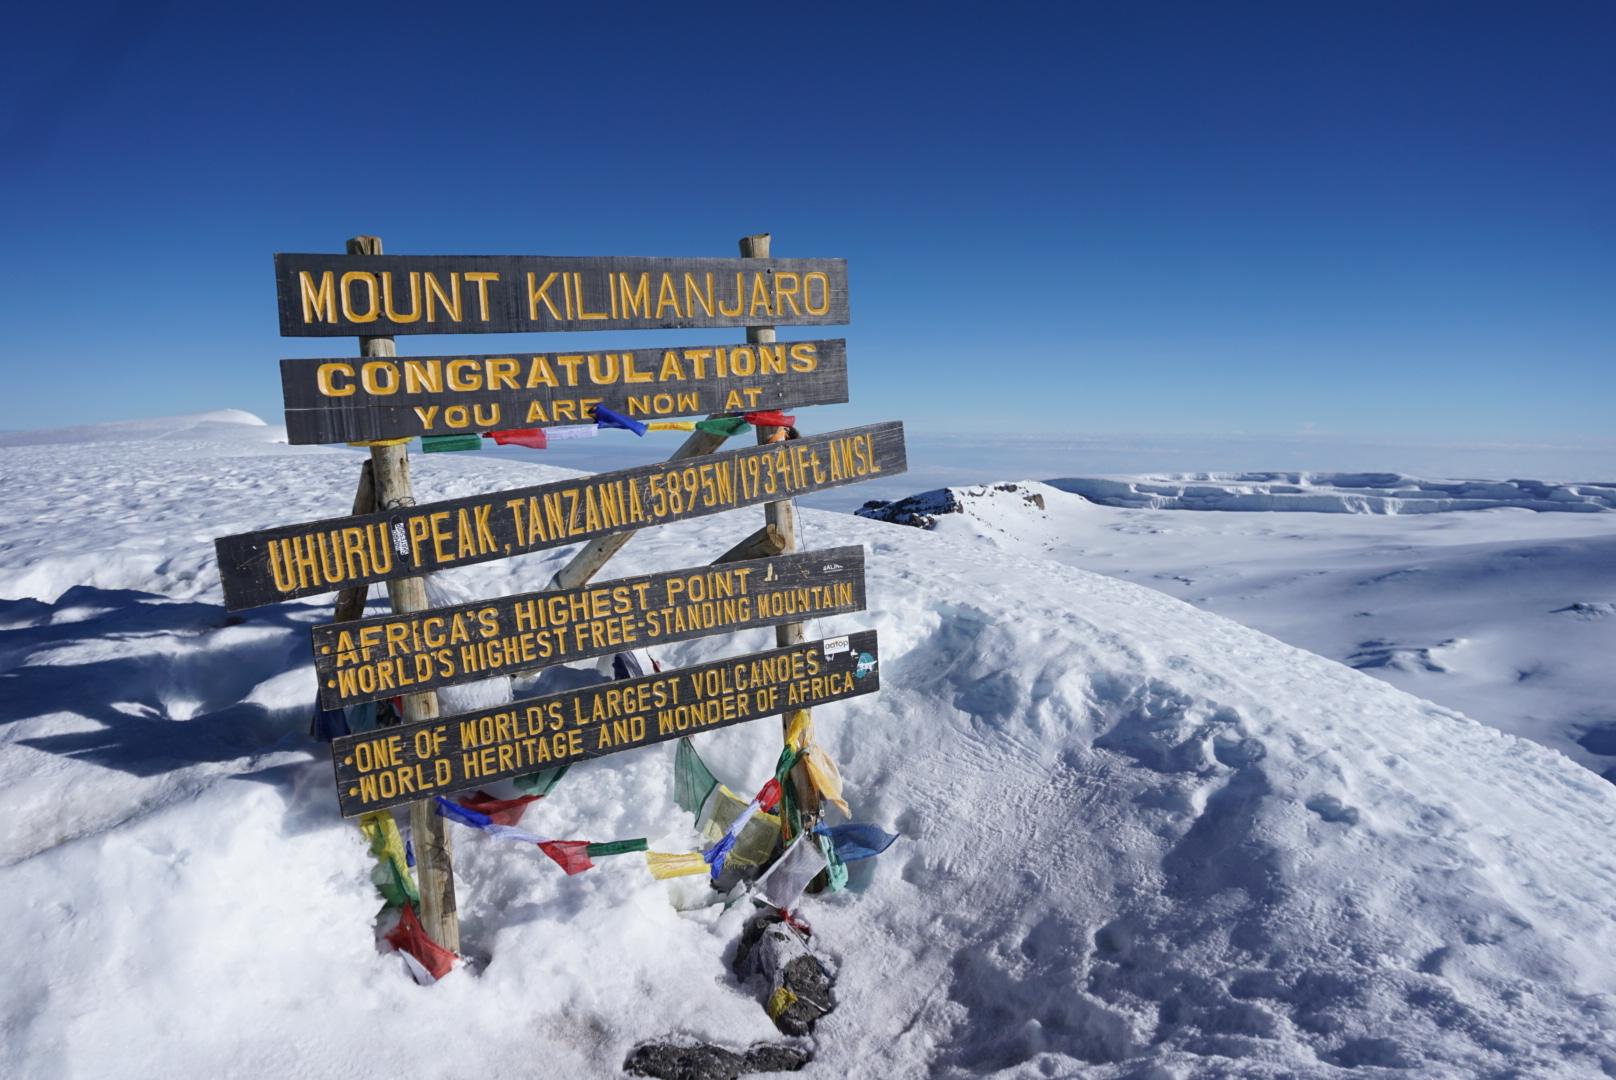 Uhuru Peak - 19,341 above sea level